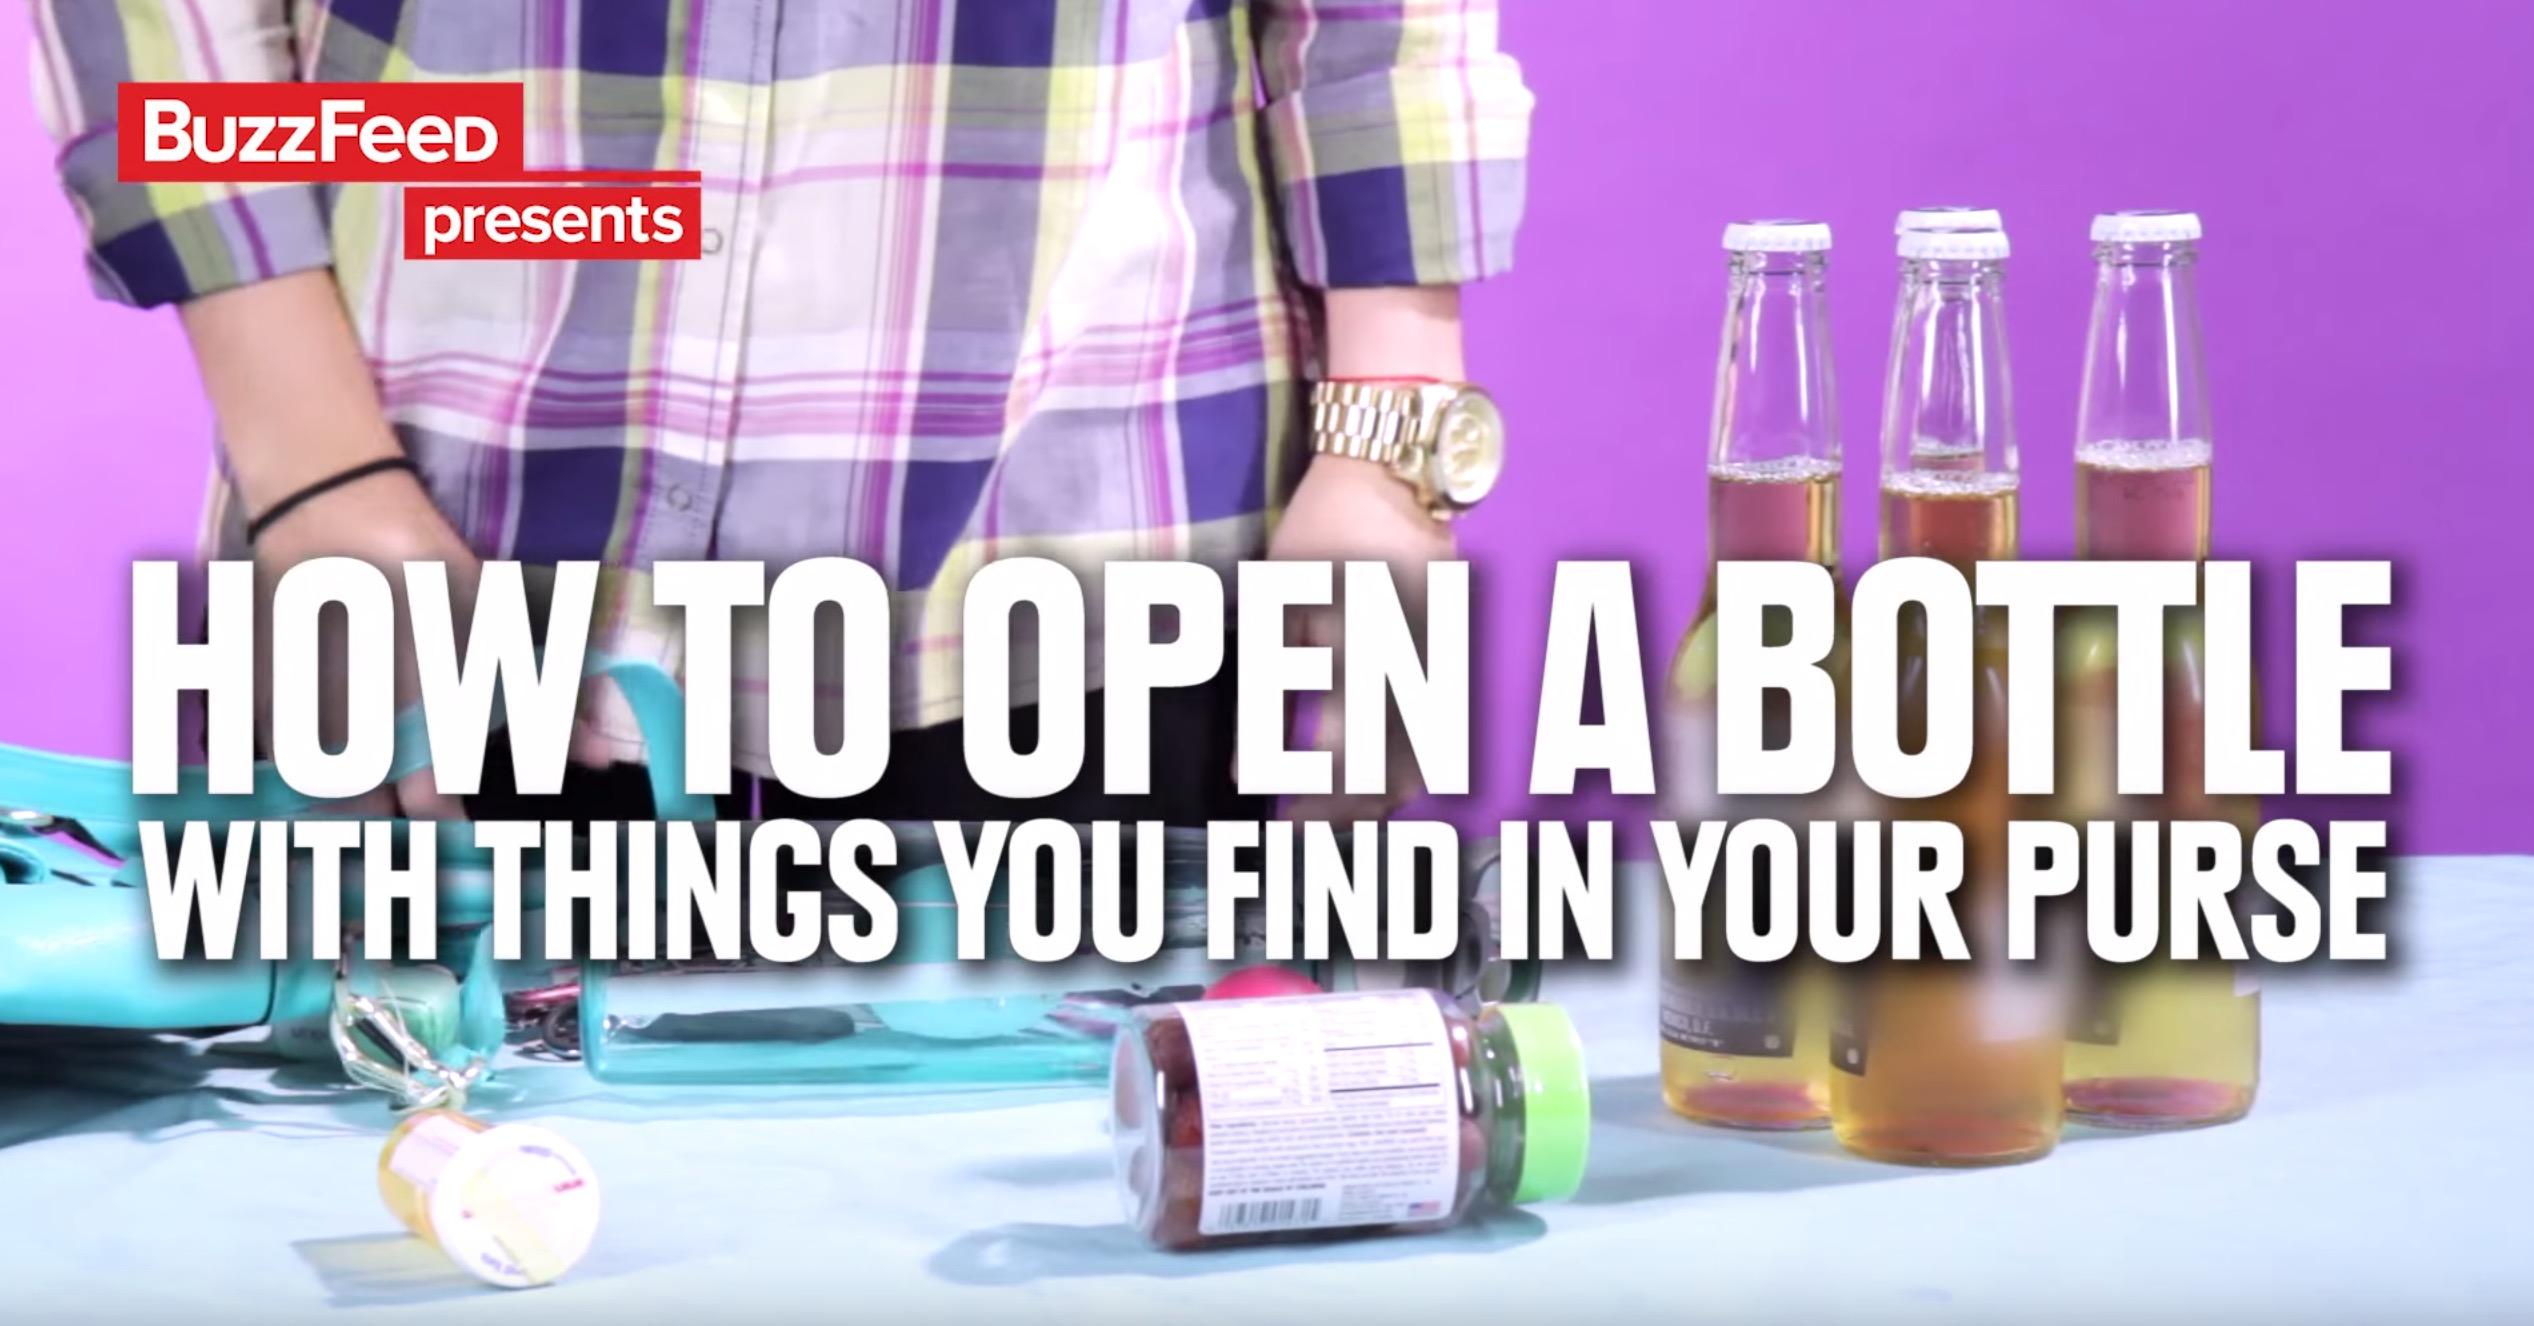 11 manières d'ouvrir une bière avec le contenu d'un sac à main